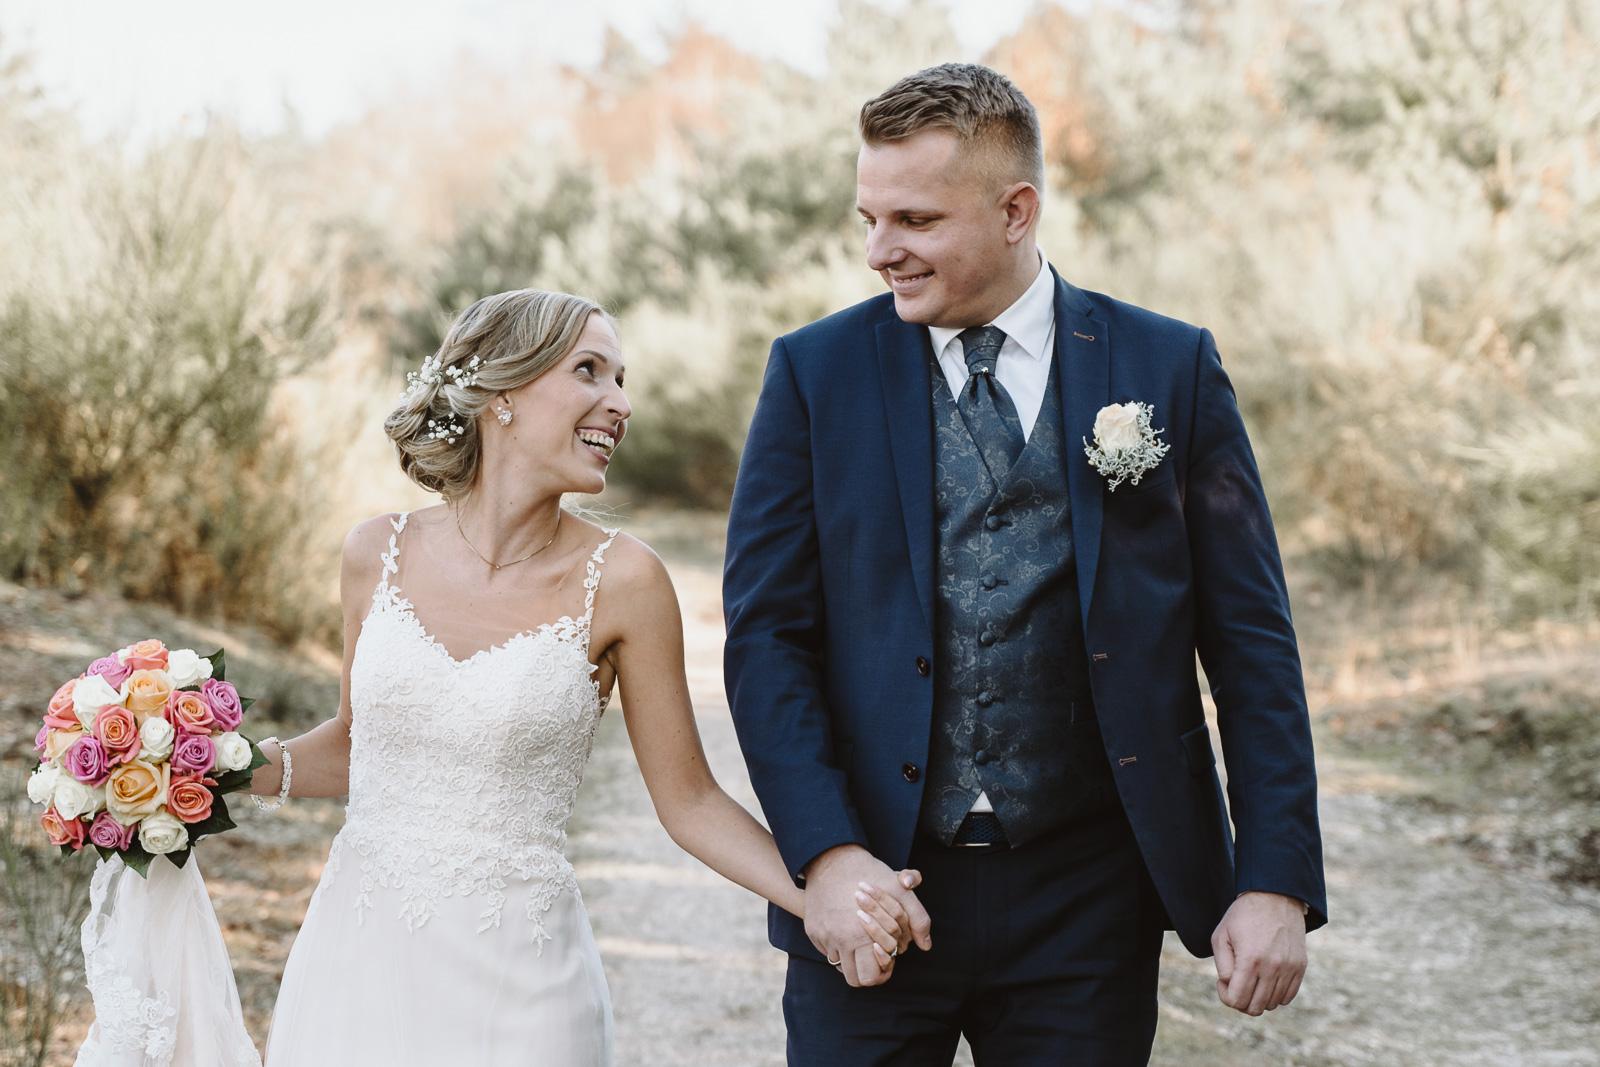 Hochzeitsfotografie - Ehepaar geht nach der Trauung froh gelaunt spazieren